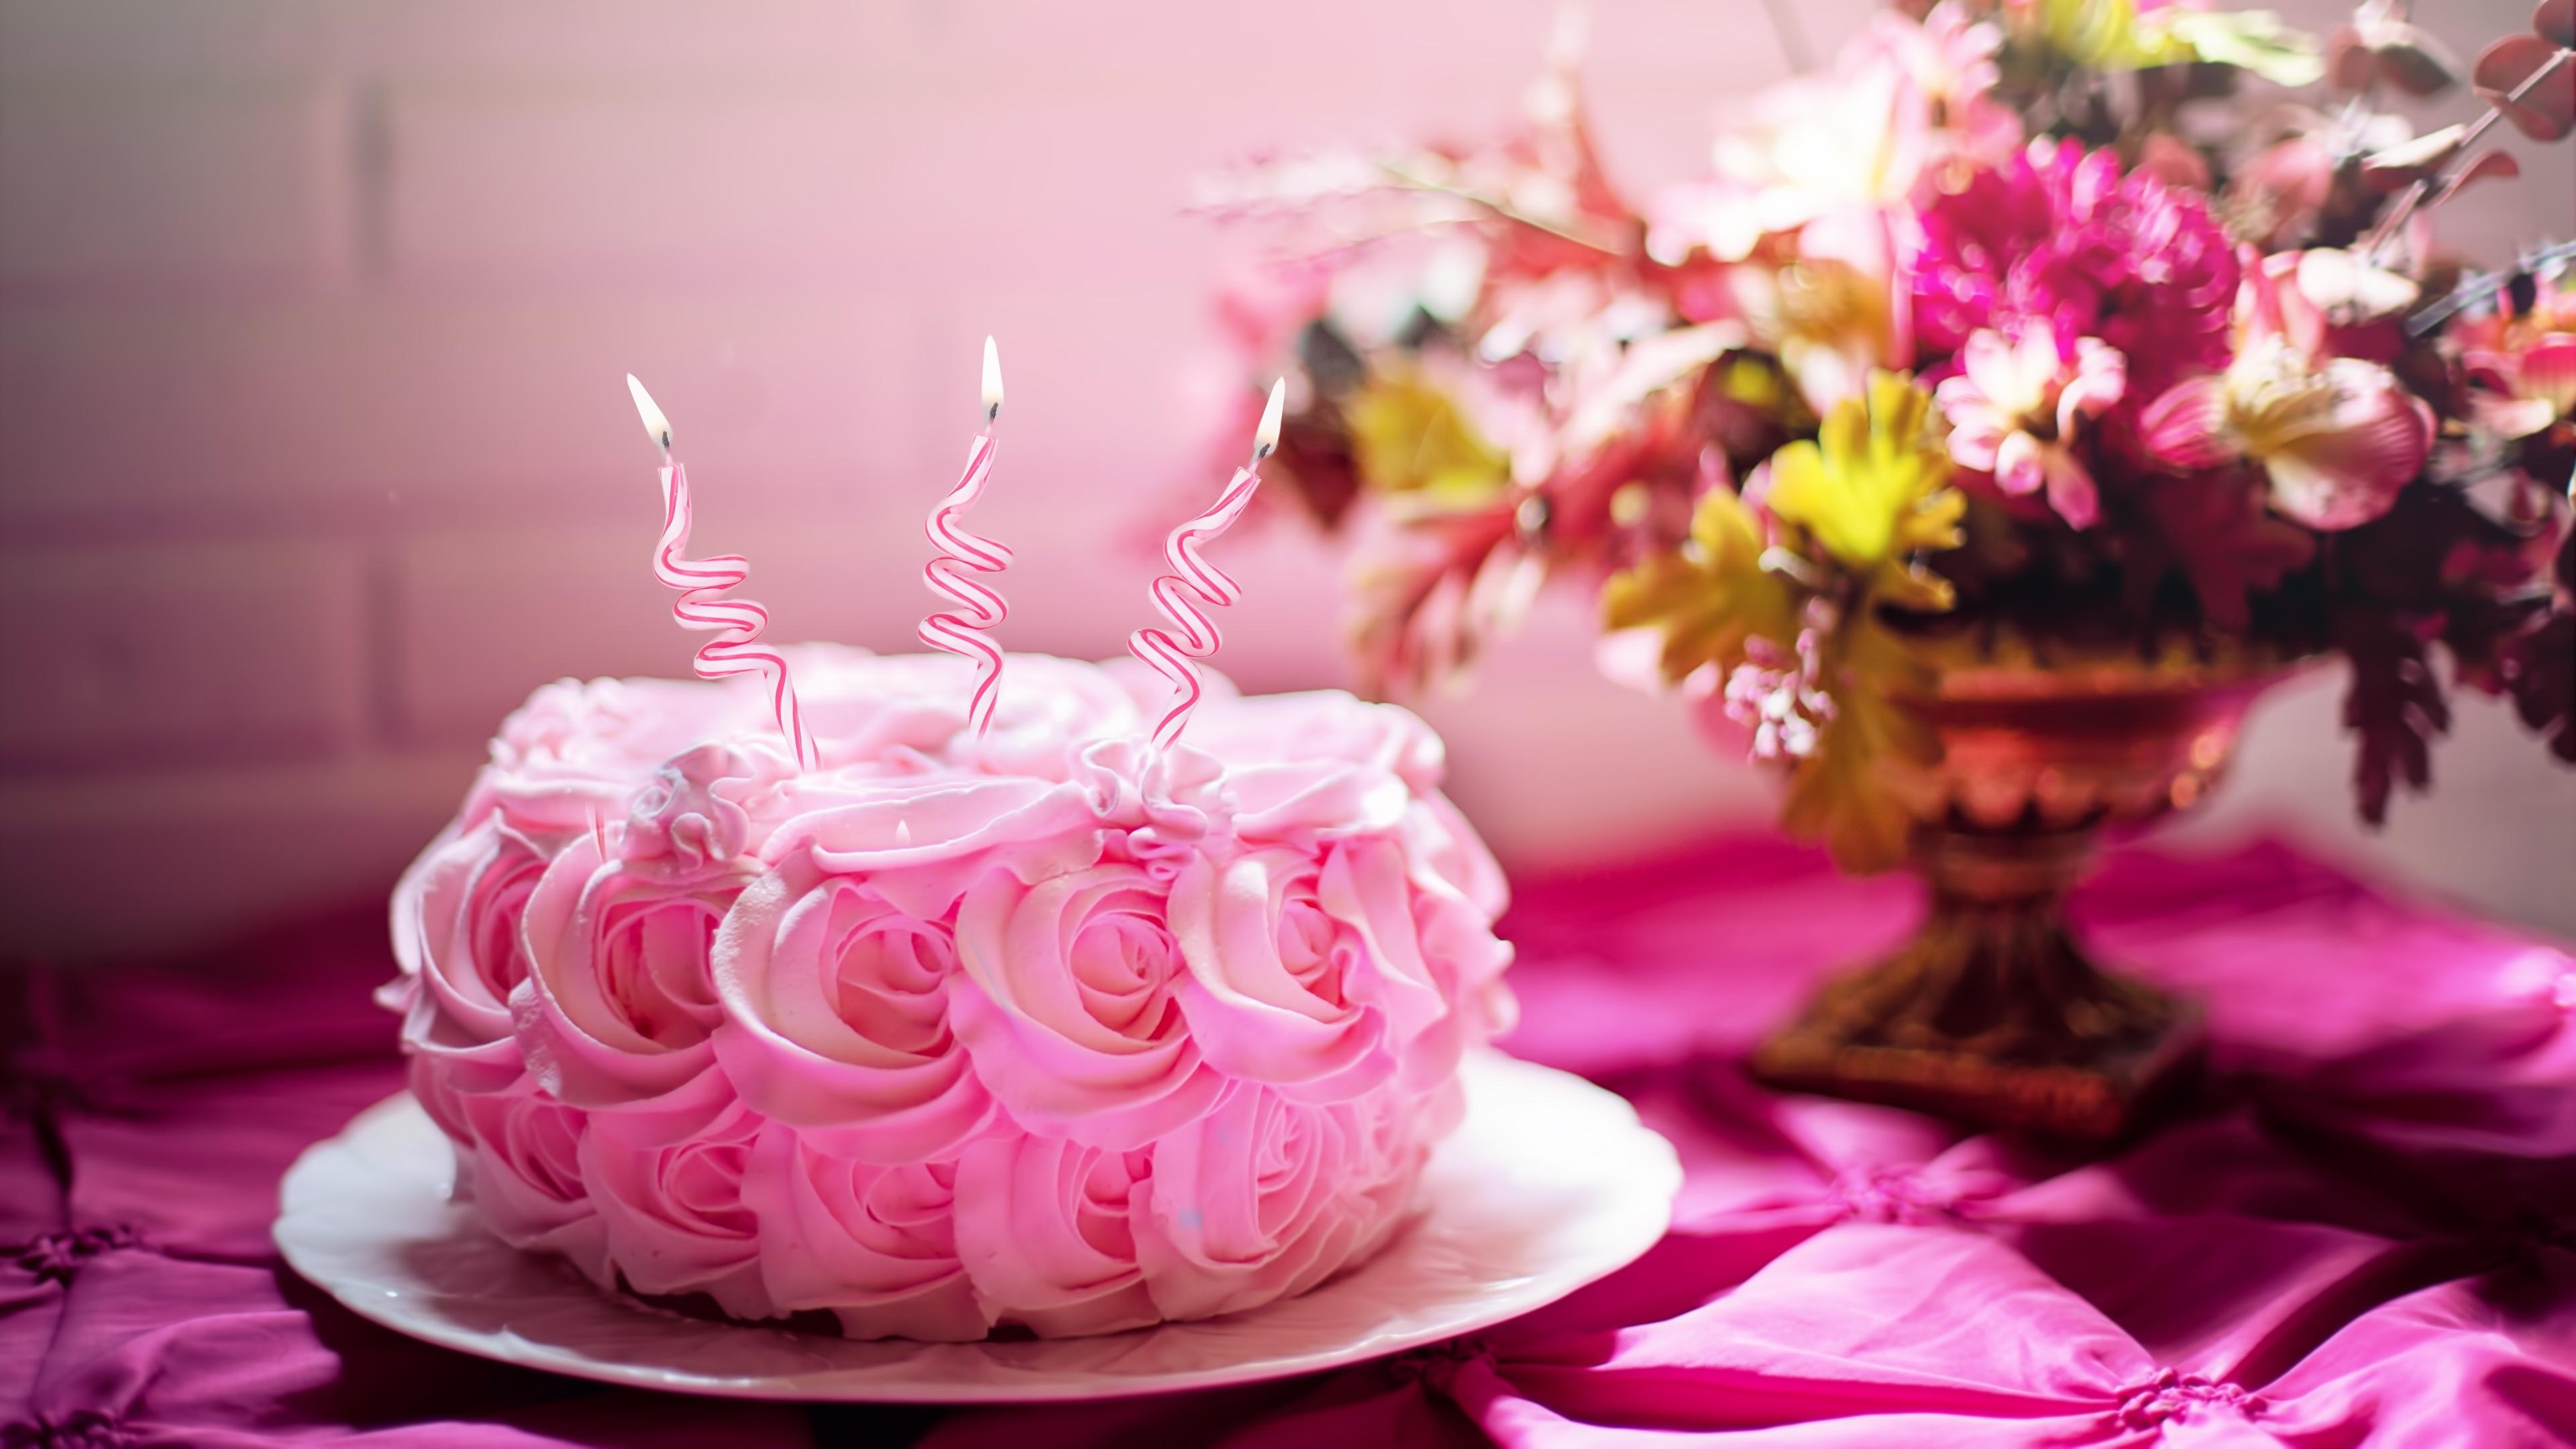 Фотографии День рождения роза Торты розовая Огонь Еда Свечи 3840x2160 Розы розовых Розовый розовые пламя Пища Продукты питания